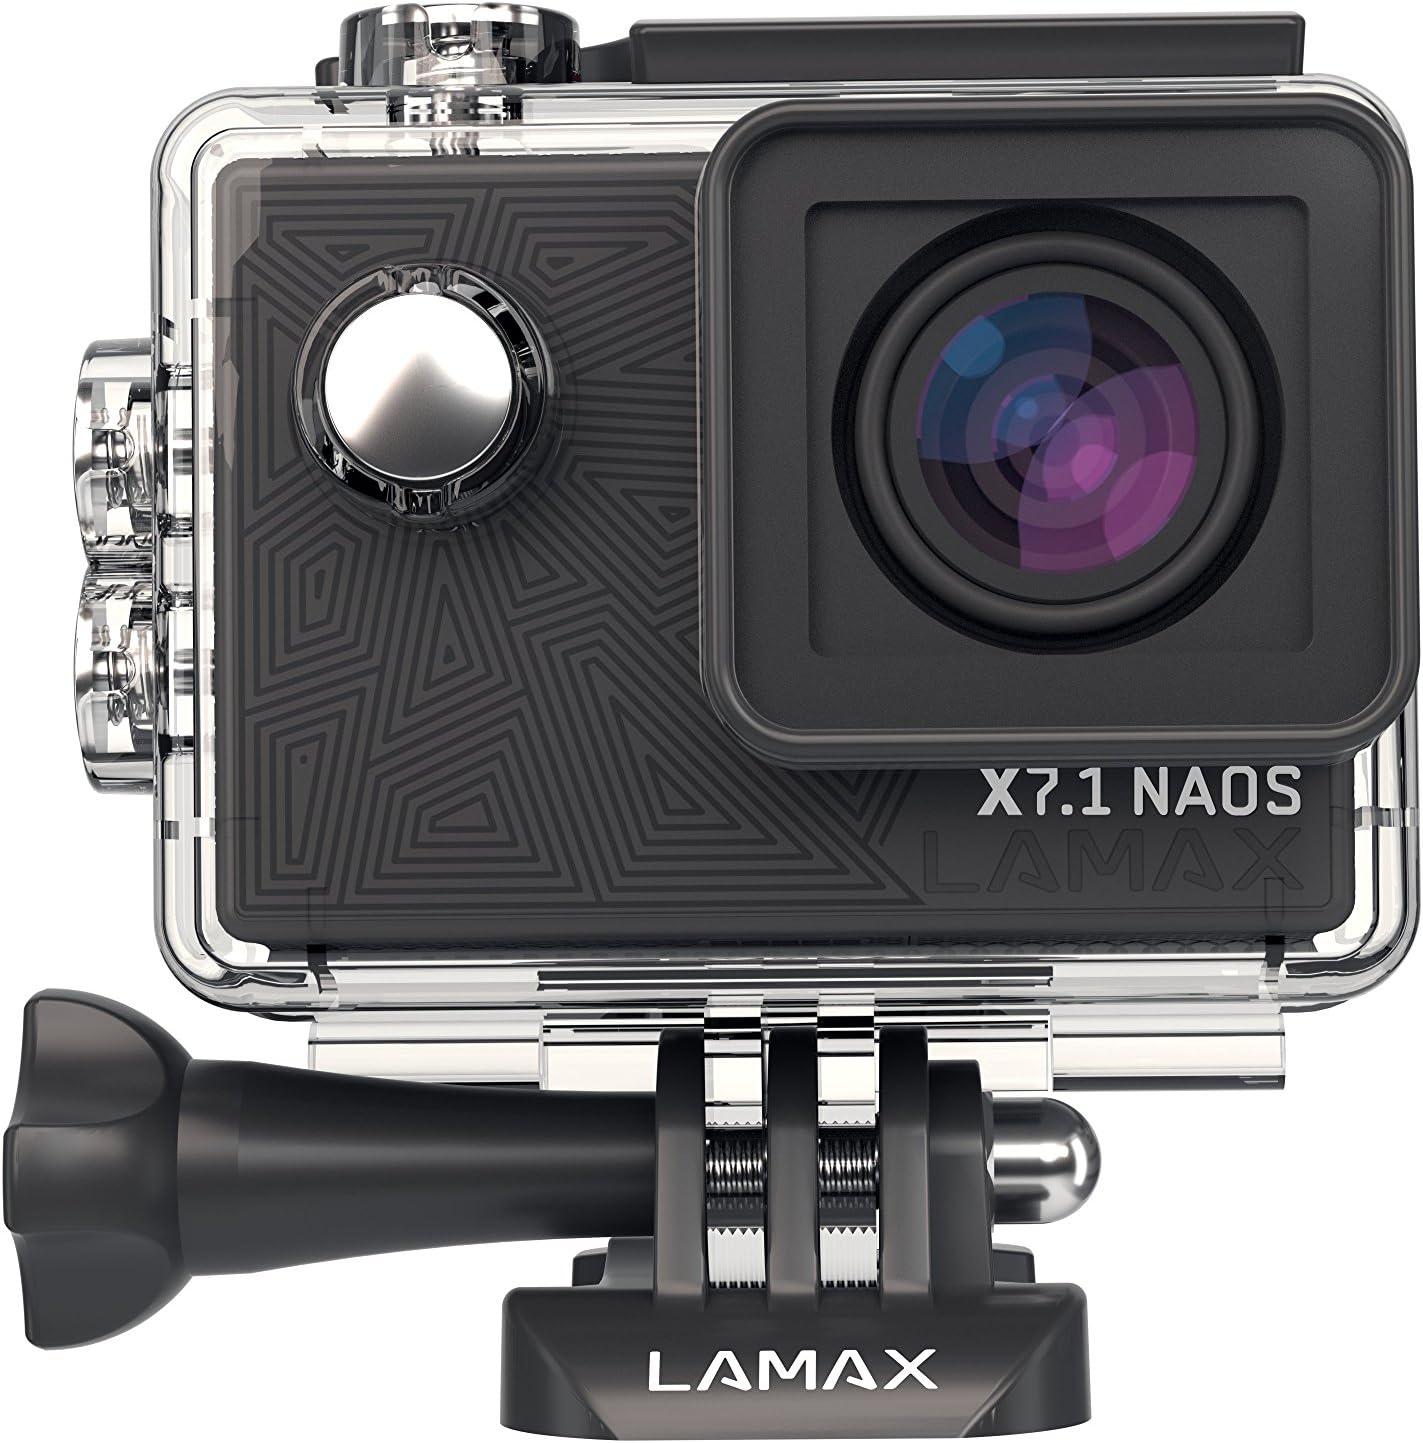 Lamax X7 1 Naos Action Camera Full Hd 1080p Black Camera Photo